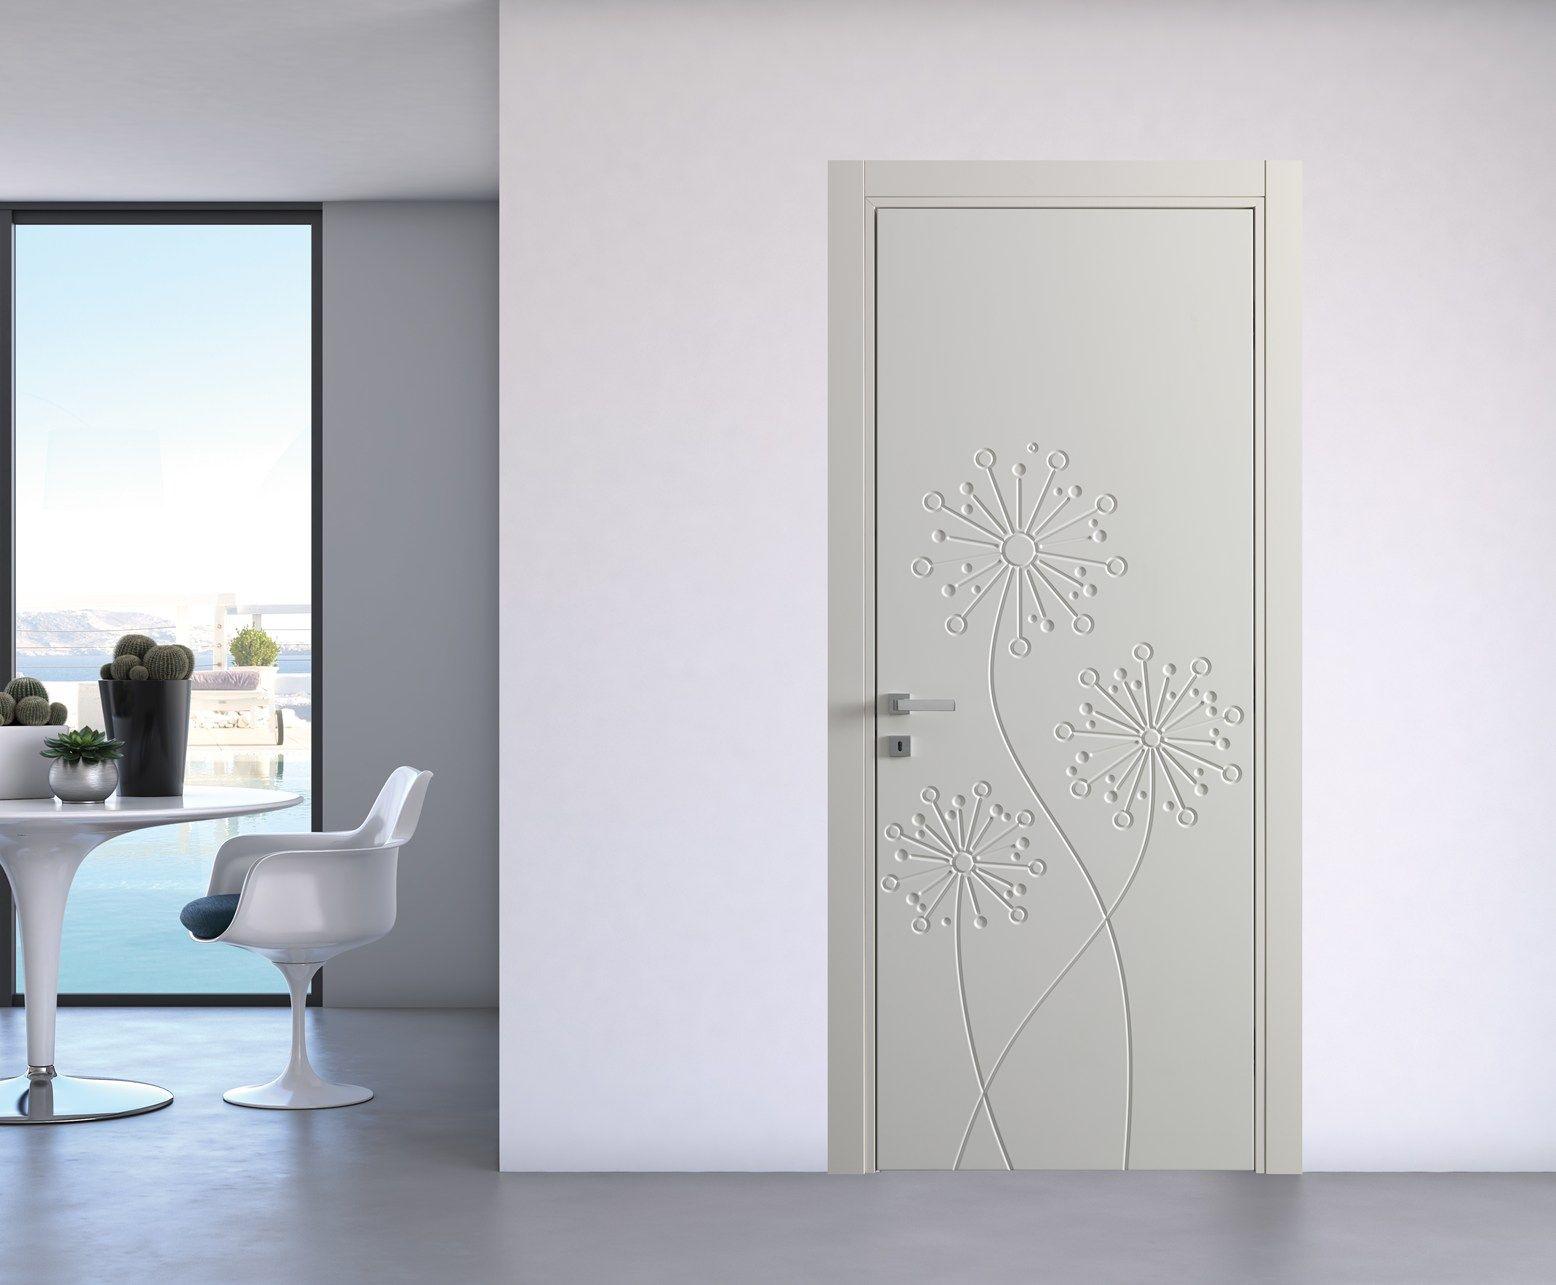 La porta come elemento d'arredo per spazi abitativi, lavorativi e contract